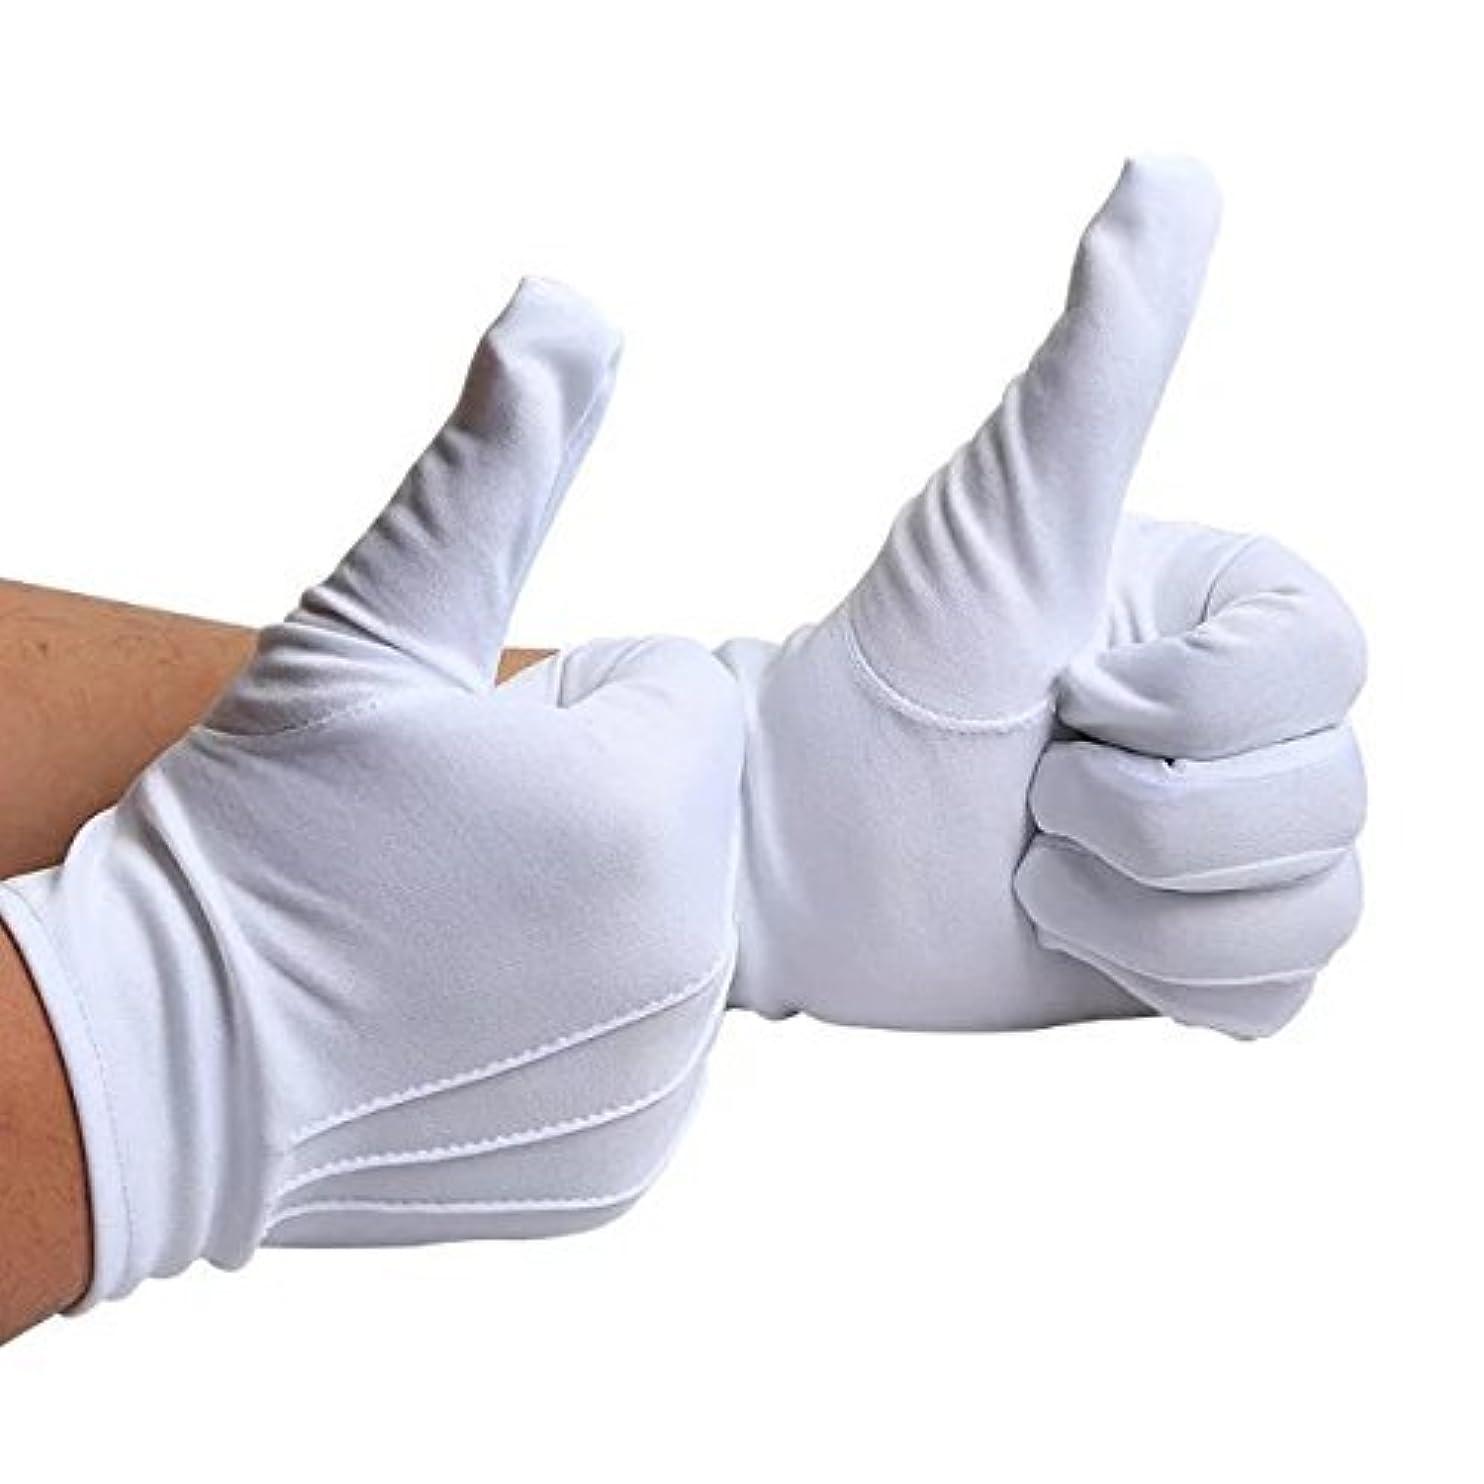 悪性残るパズル【10双組セット】 ナイロン 手袋 白 紳士 水洗い可 スリット無し